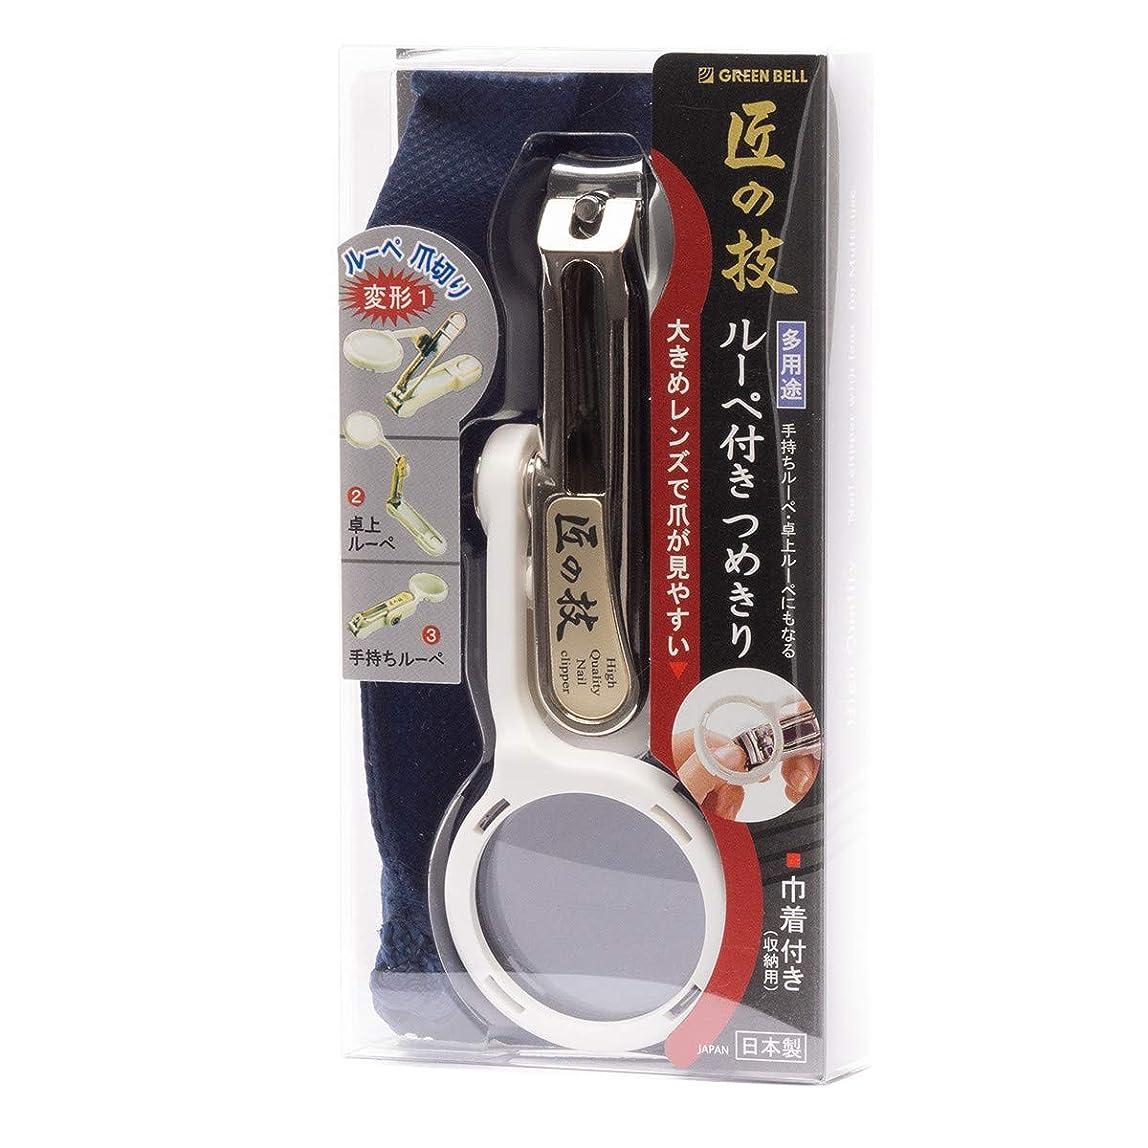 ポンド期待して追加MIDI-ミディ 匠の技 ルーペ付き つめきり 白 メガネ拭き セット (p-880122,p-k0055)